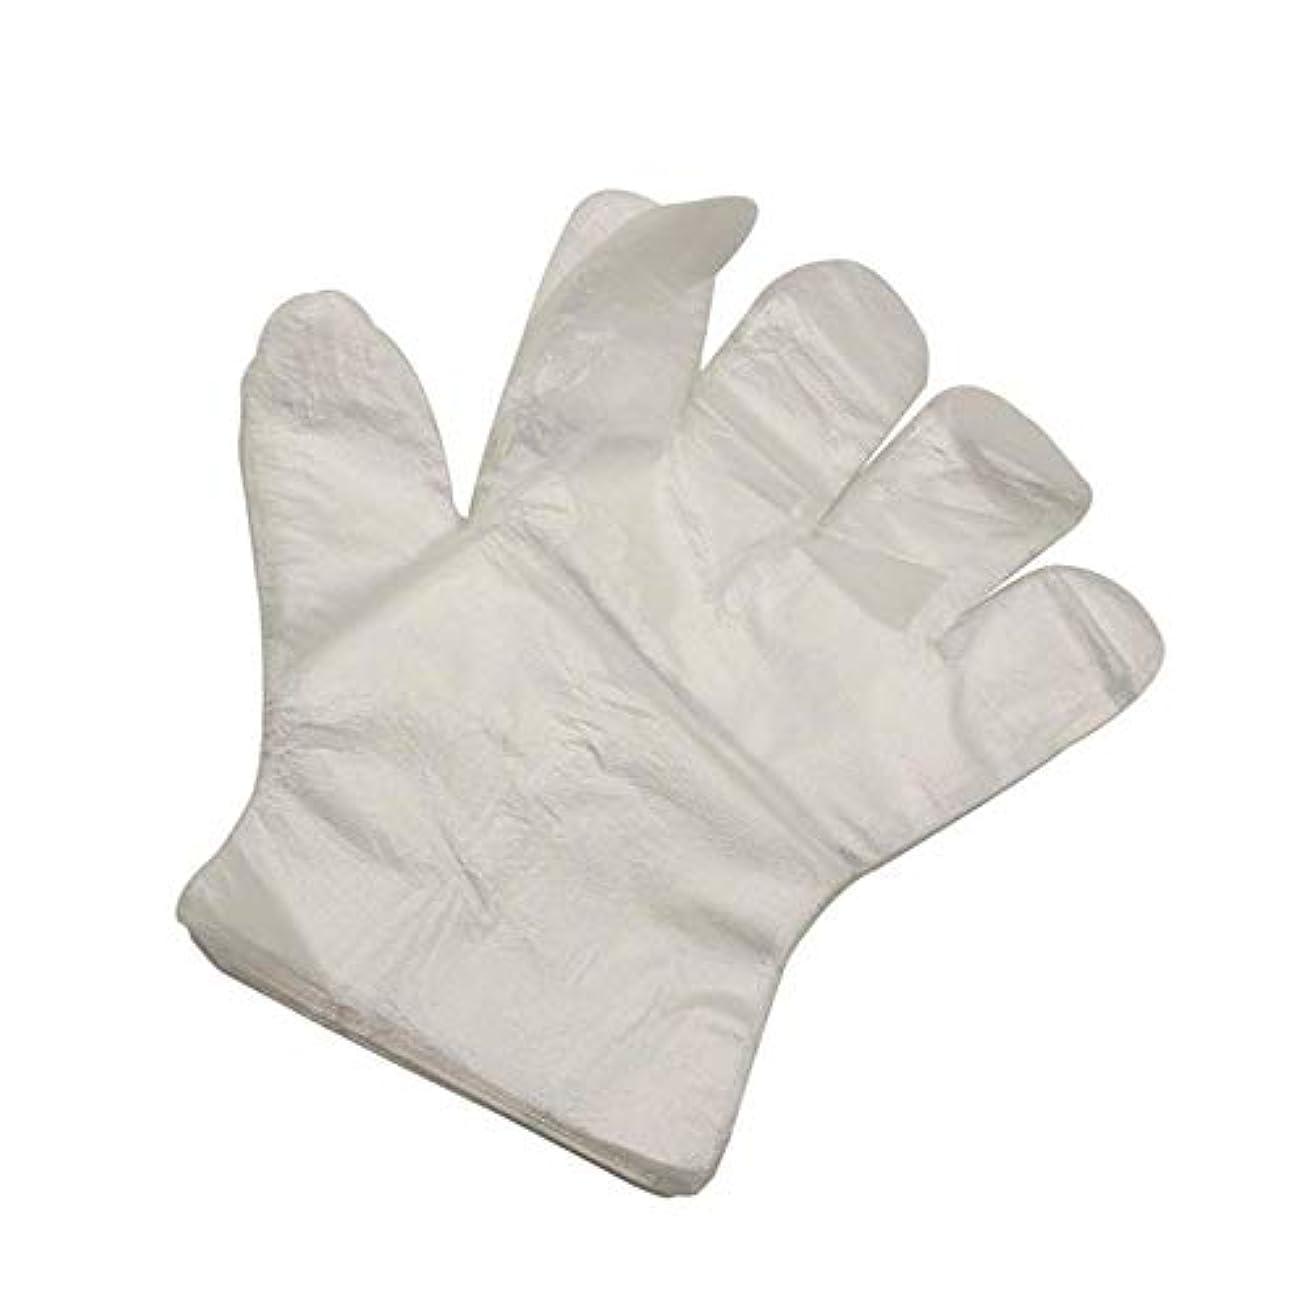 ノーブルホーム奴隷使い捨て手袋 極薄ビニール手袋 調理 透明 実用 衛生 左右両手が使える 家、レストラン、掃除、木工に使用することができます (1000)